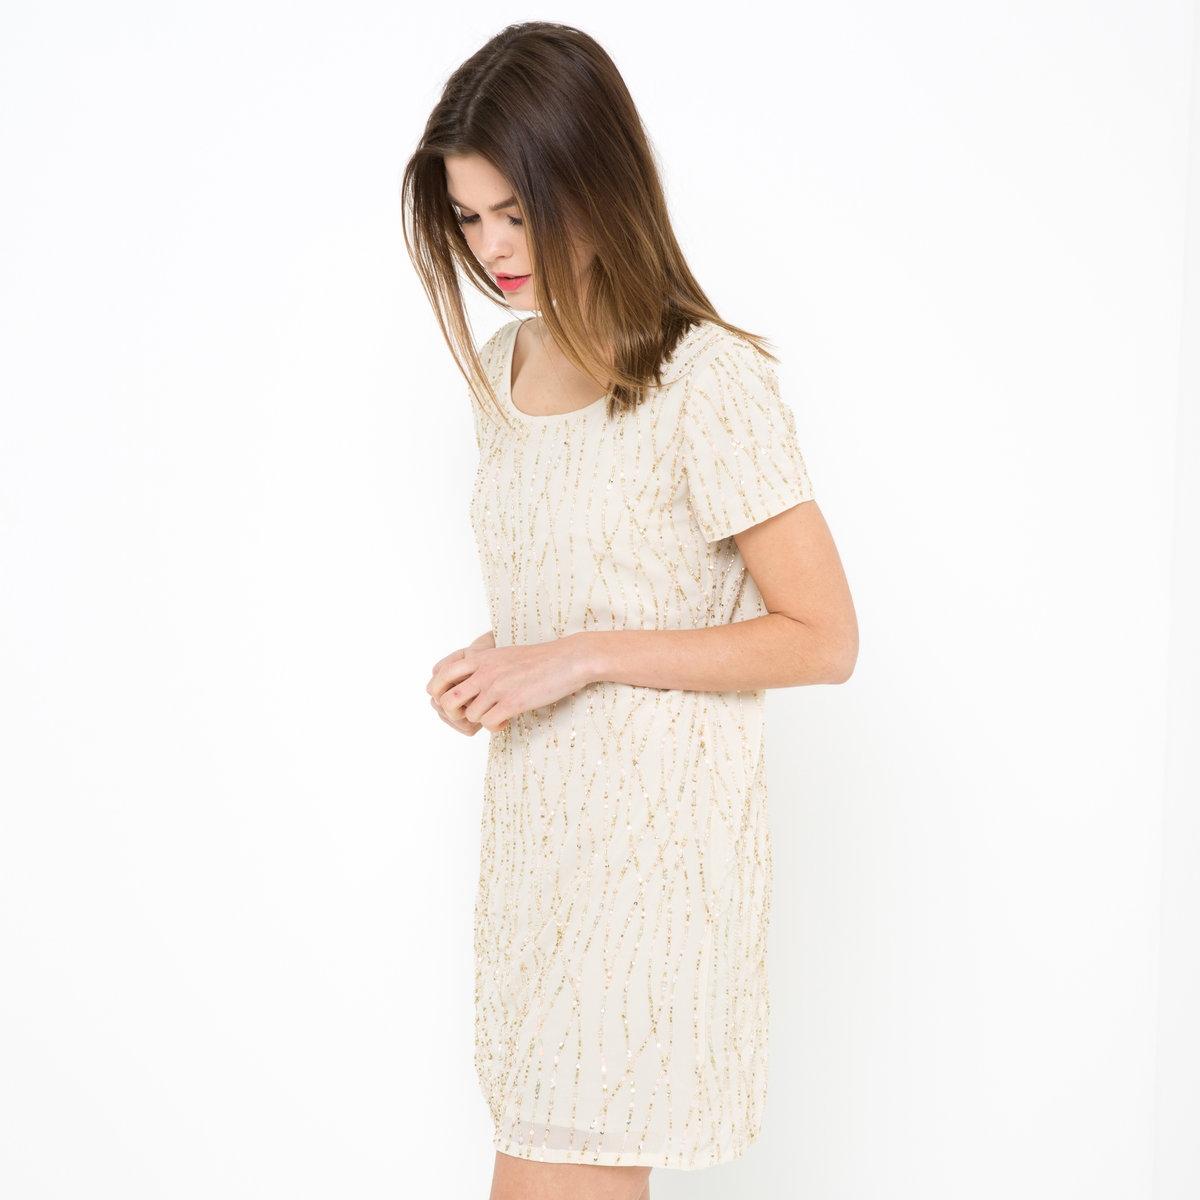 Платье, расшитое бусинамиПлатье из 100% полиэстера. Подкладка из полиэстера. Длина 88 см.<br><br>Цвет: розово-бежевый<br>Размер: 38 (FR) - 44 (RUS).42 (FR) - 48 (RUS).44 (FR) - 50 (RUS)